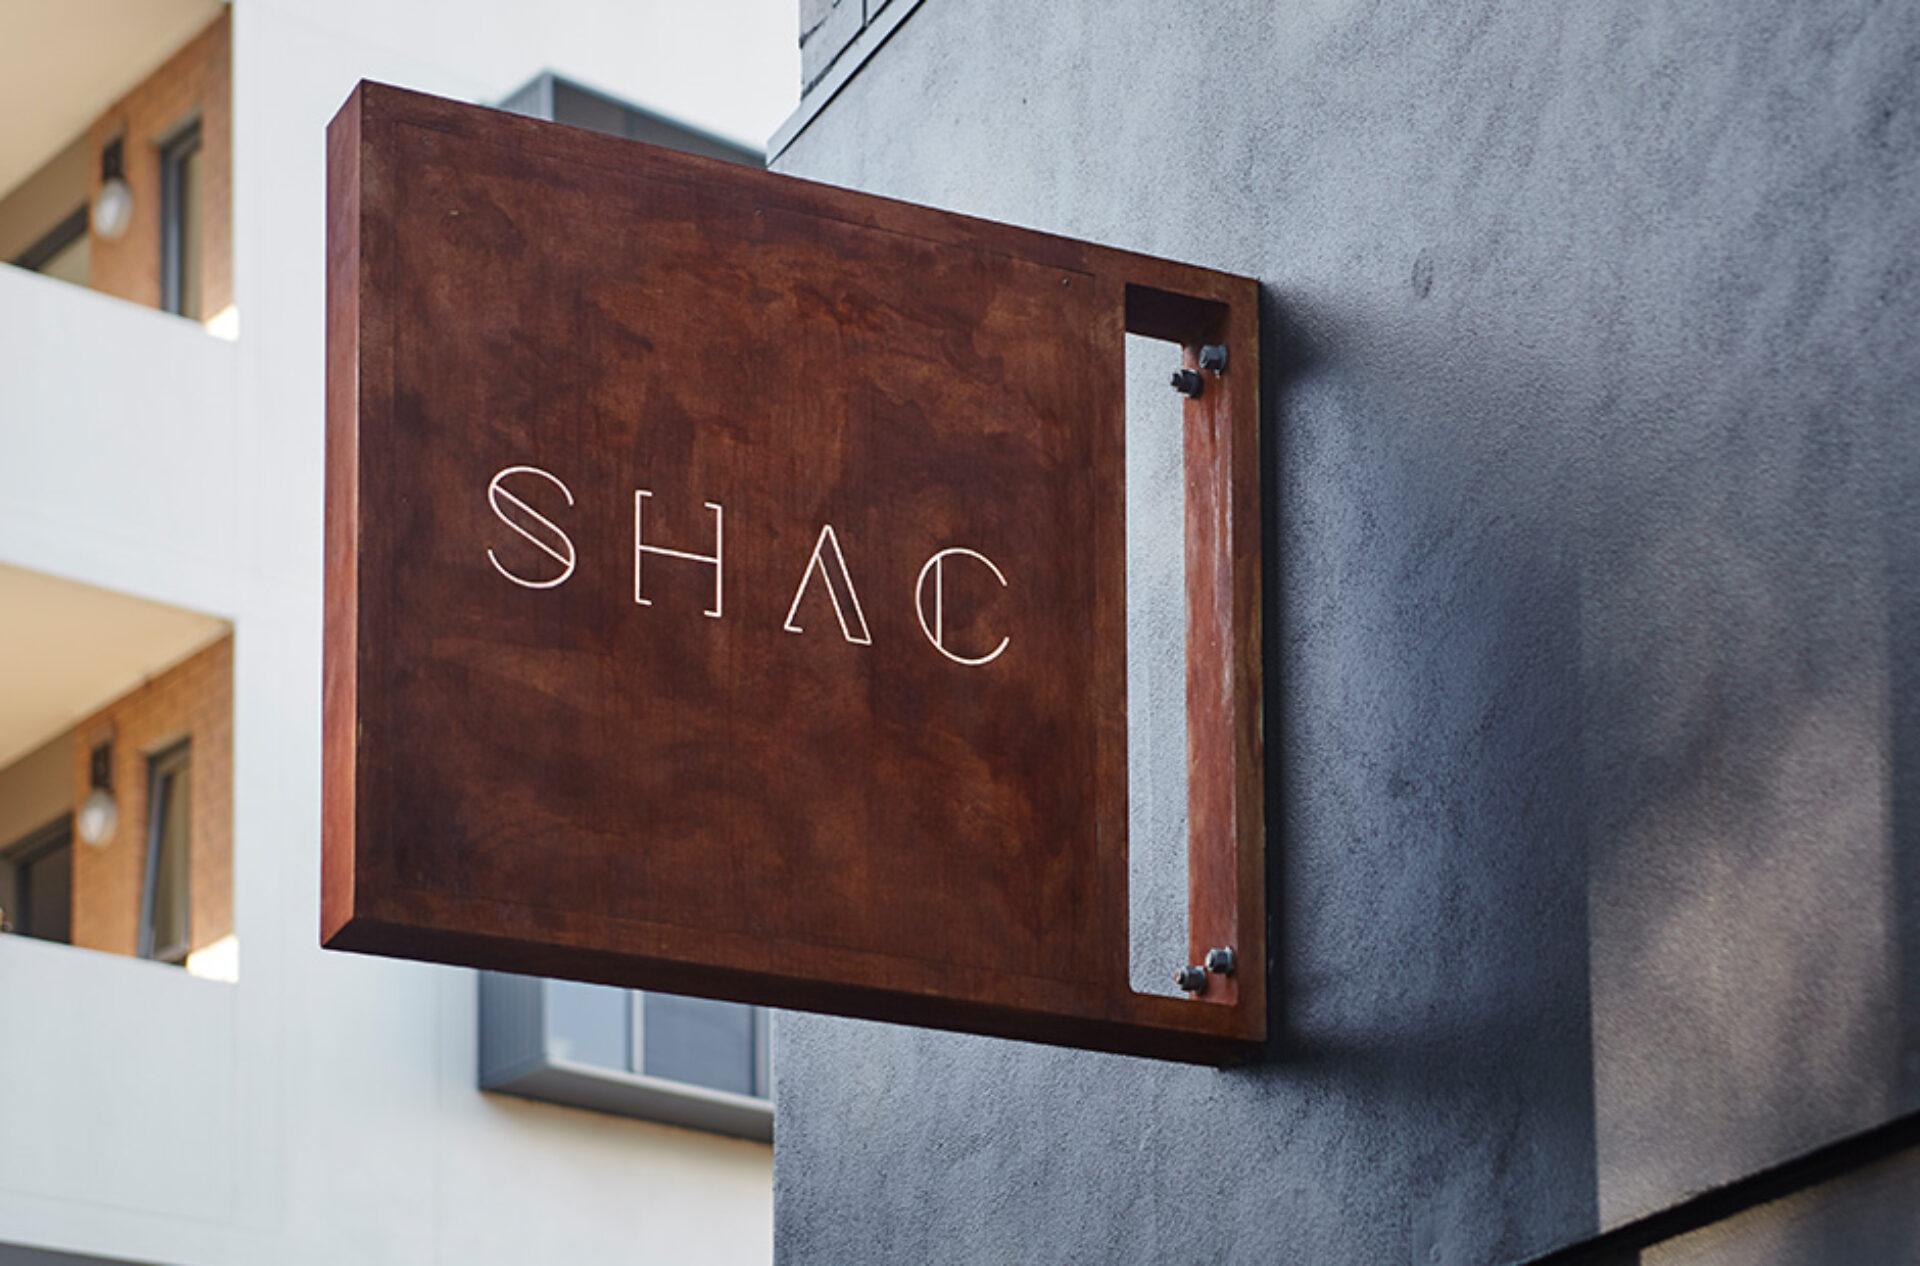 Headjam shac 01